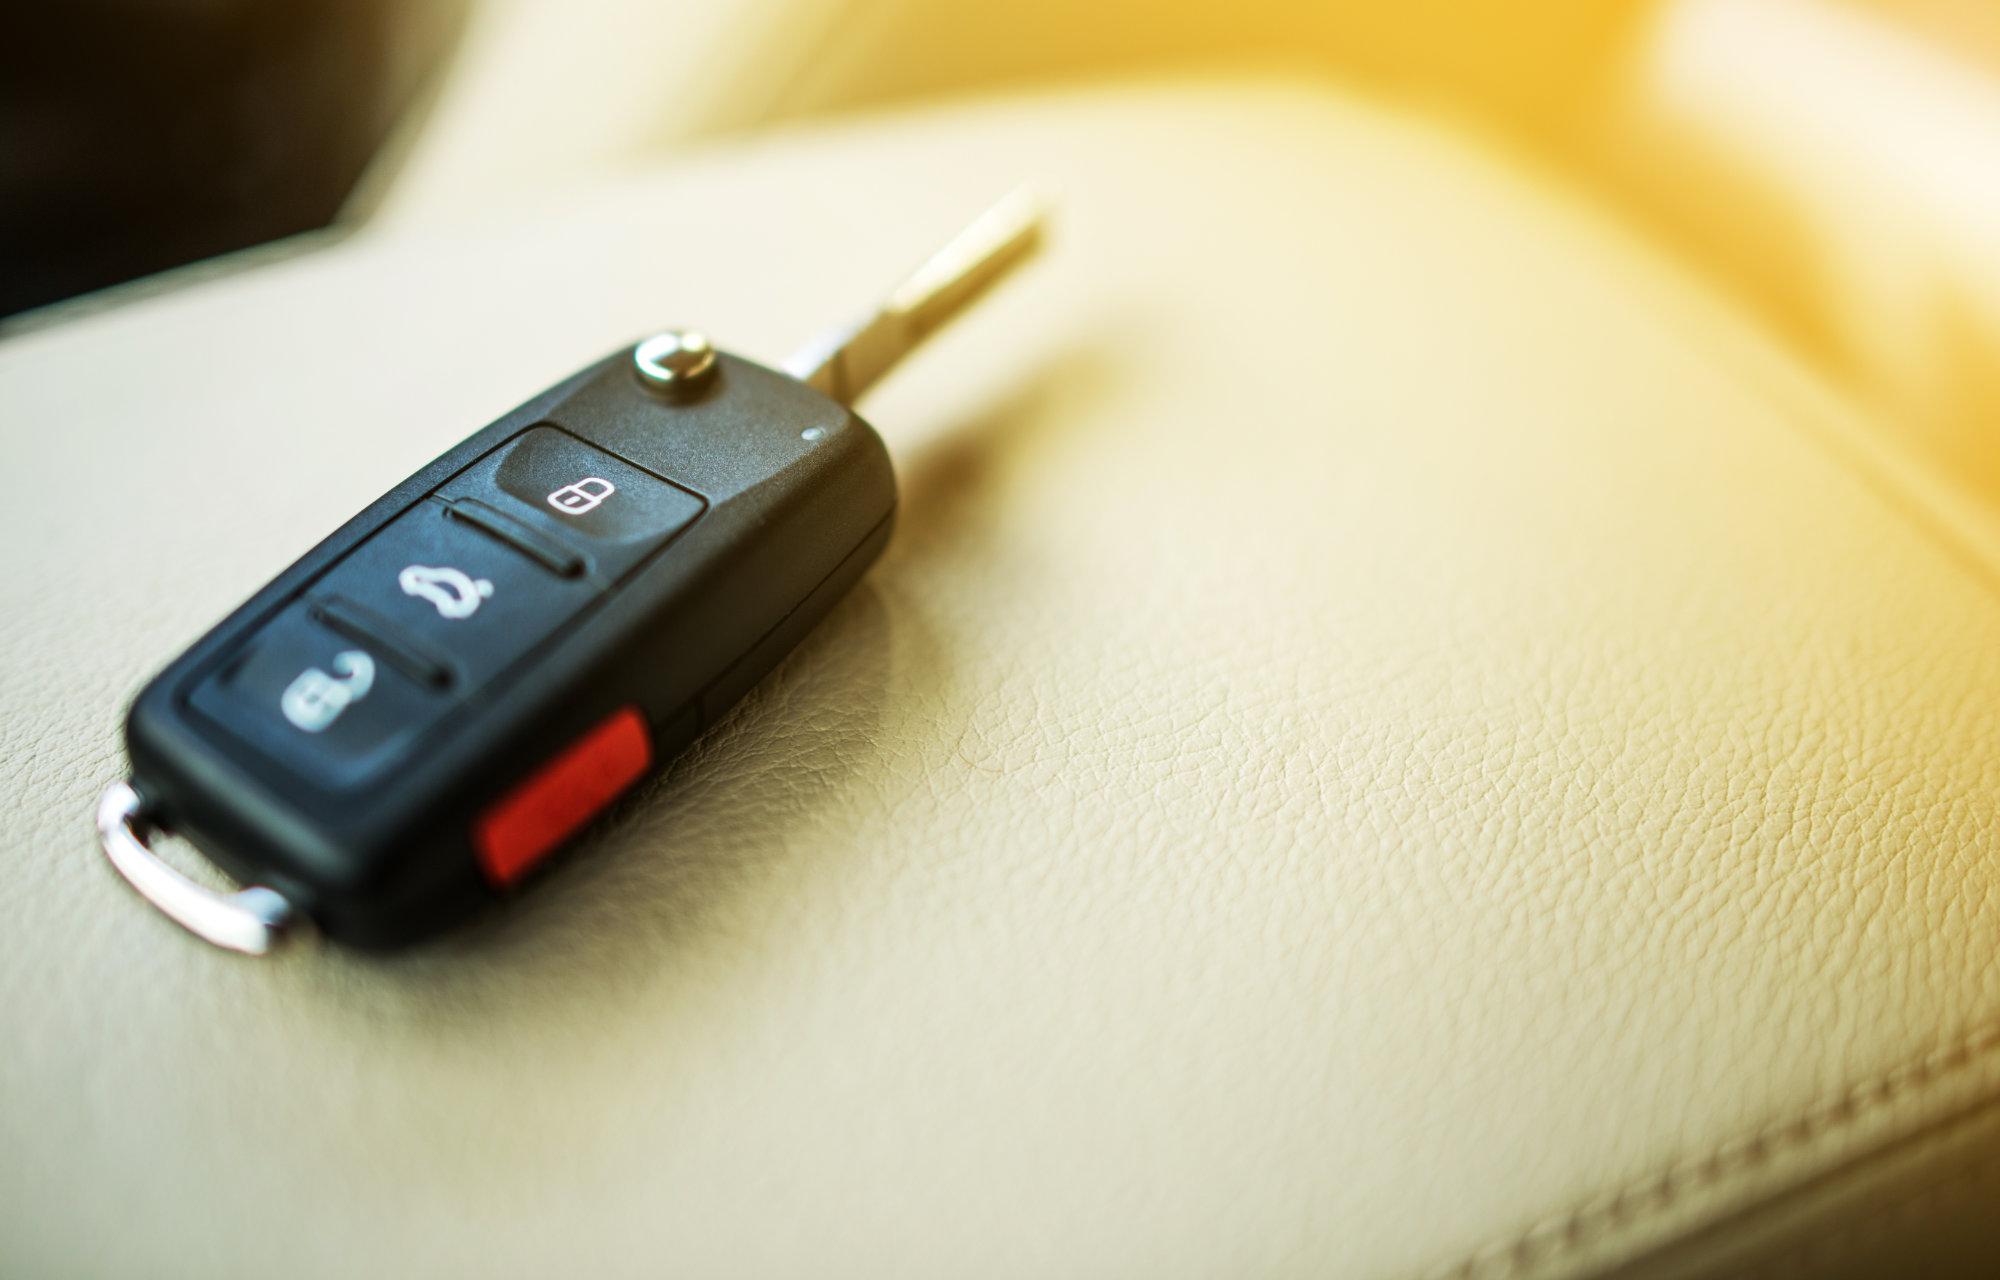 Ønsker du at sælge eller bytte din nuværende bil?